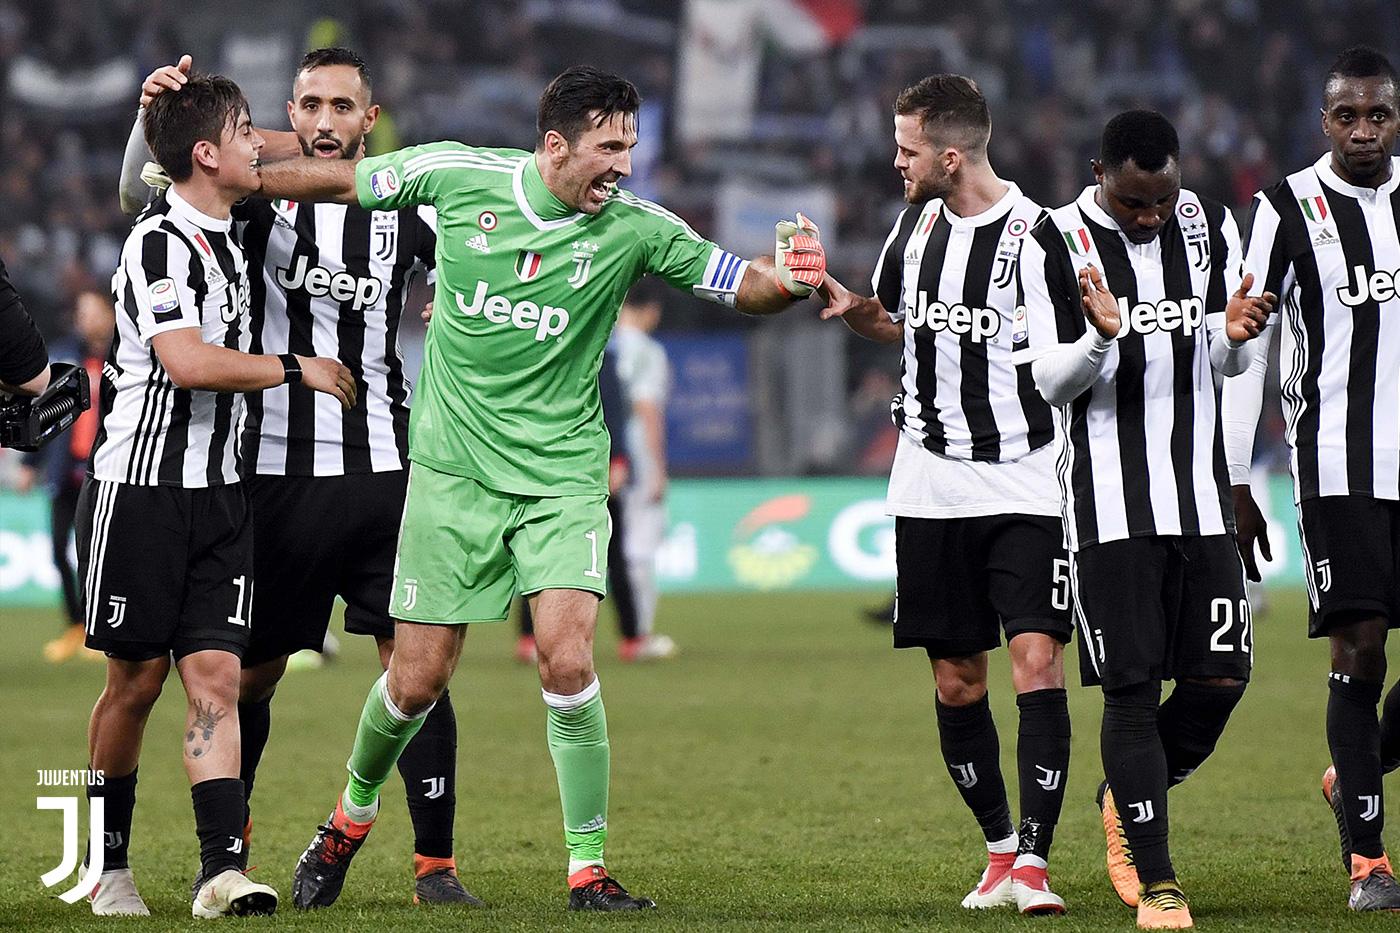 Đại diện của Hamsik tố Juventus được chống lưng tại Serie A - Bóng Đá